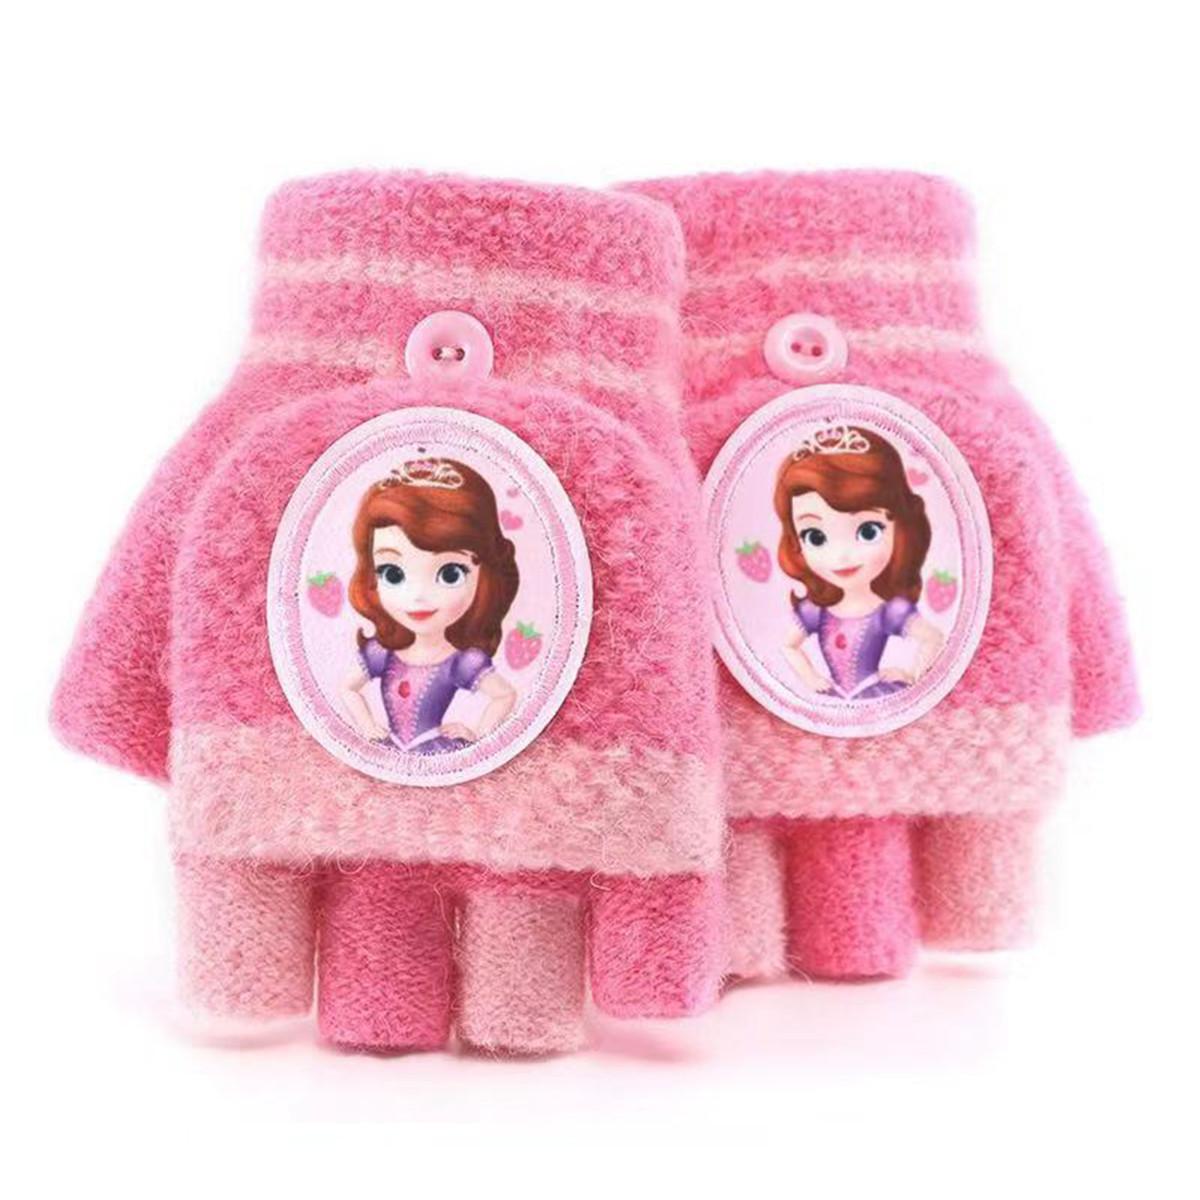 迪士尼迪士尼儿童手套男童女童半指翻盖宝宝小孩五指可爱冬季保暖小学生SS70100-2